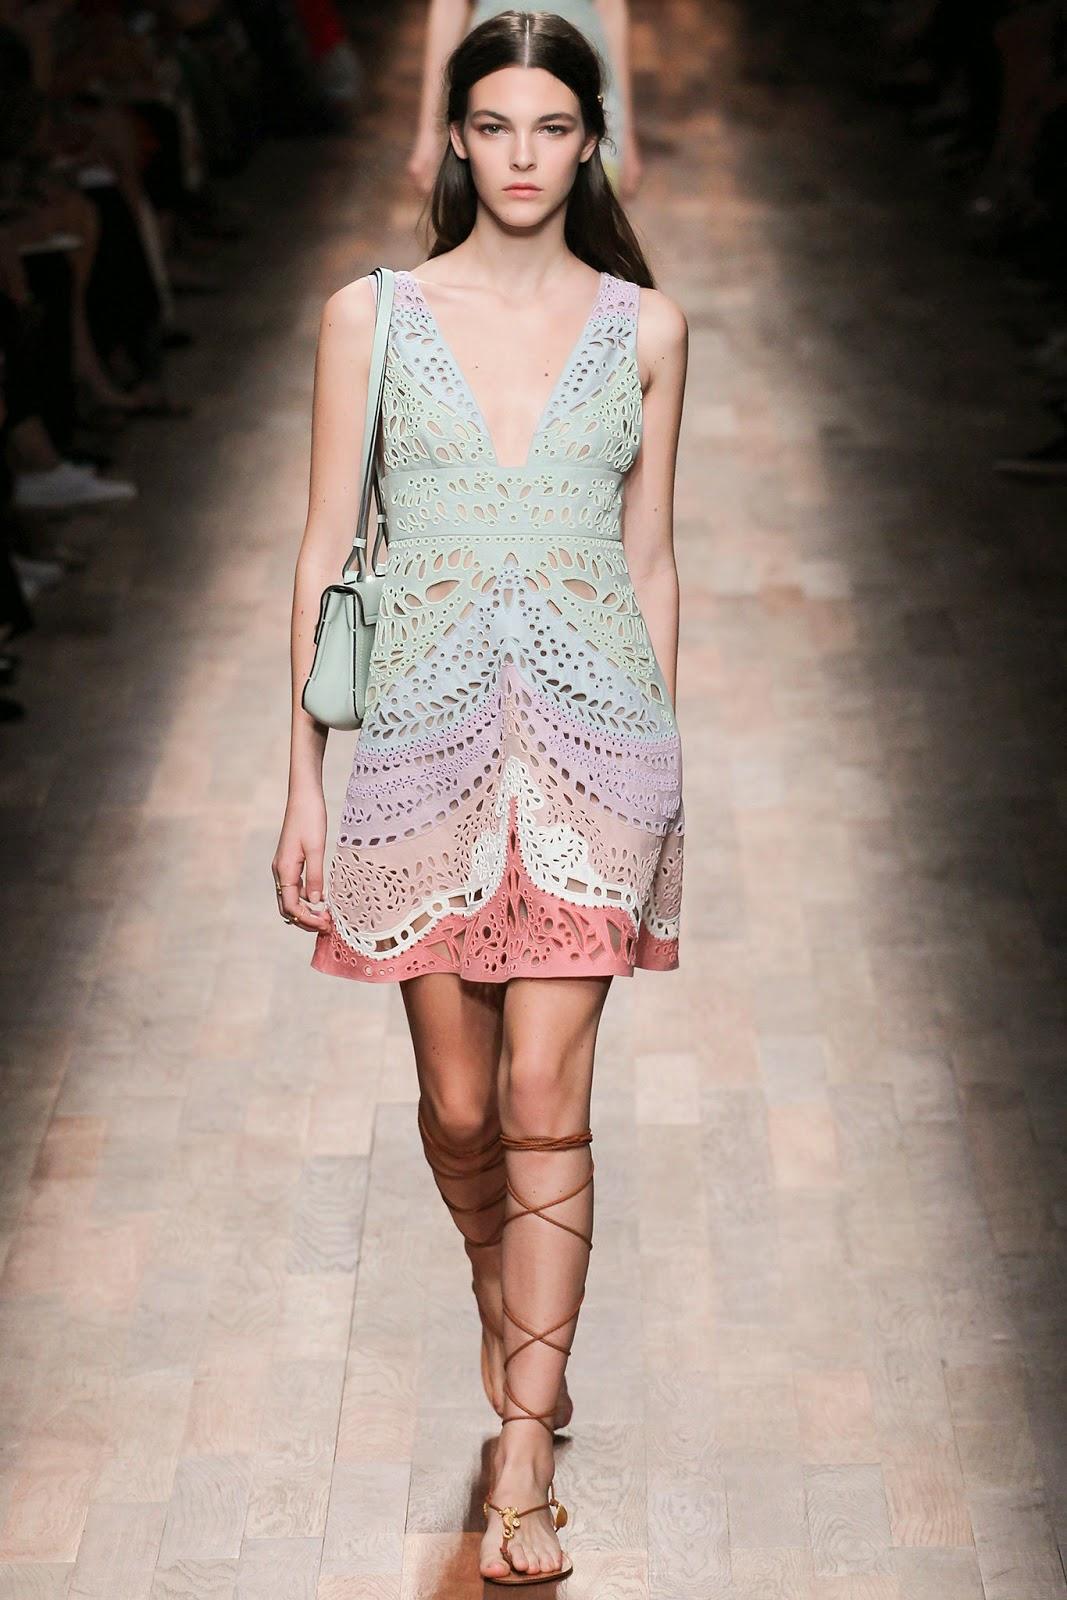 valentino 2015 summer 2016 trend women dress40 Valentino 2015 samling, våren sommaren 2016 Valentino klänning modeller, Valentino kväll klänning nya säsongen kvinnors kjolar modeller